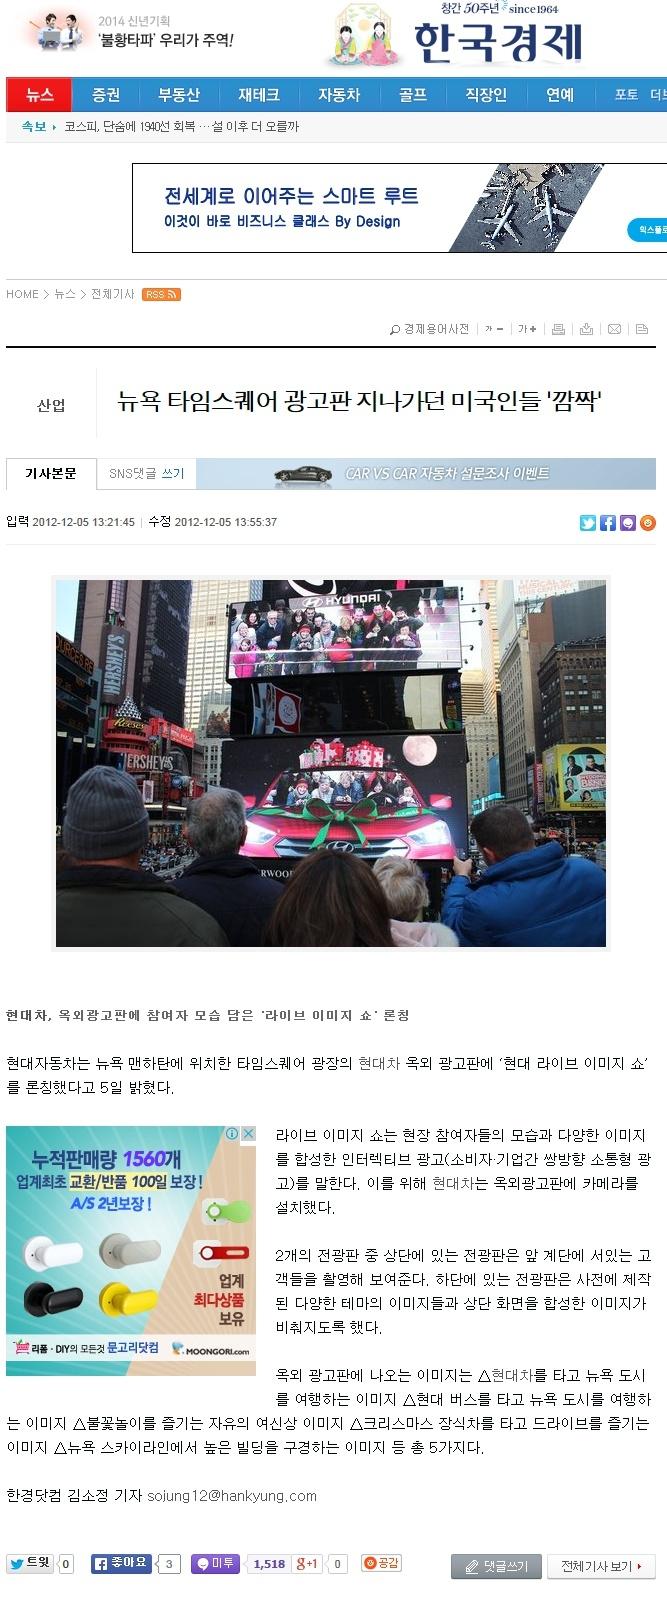 한국경제.jpg